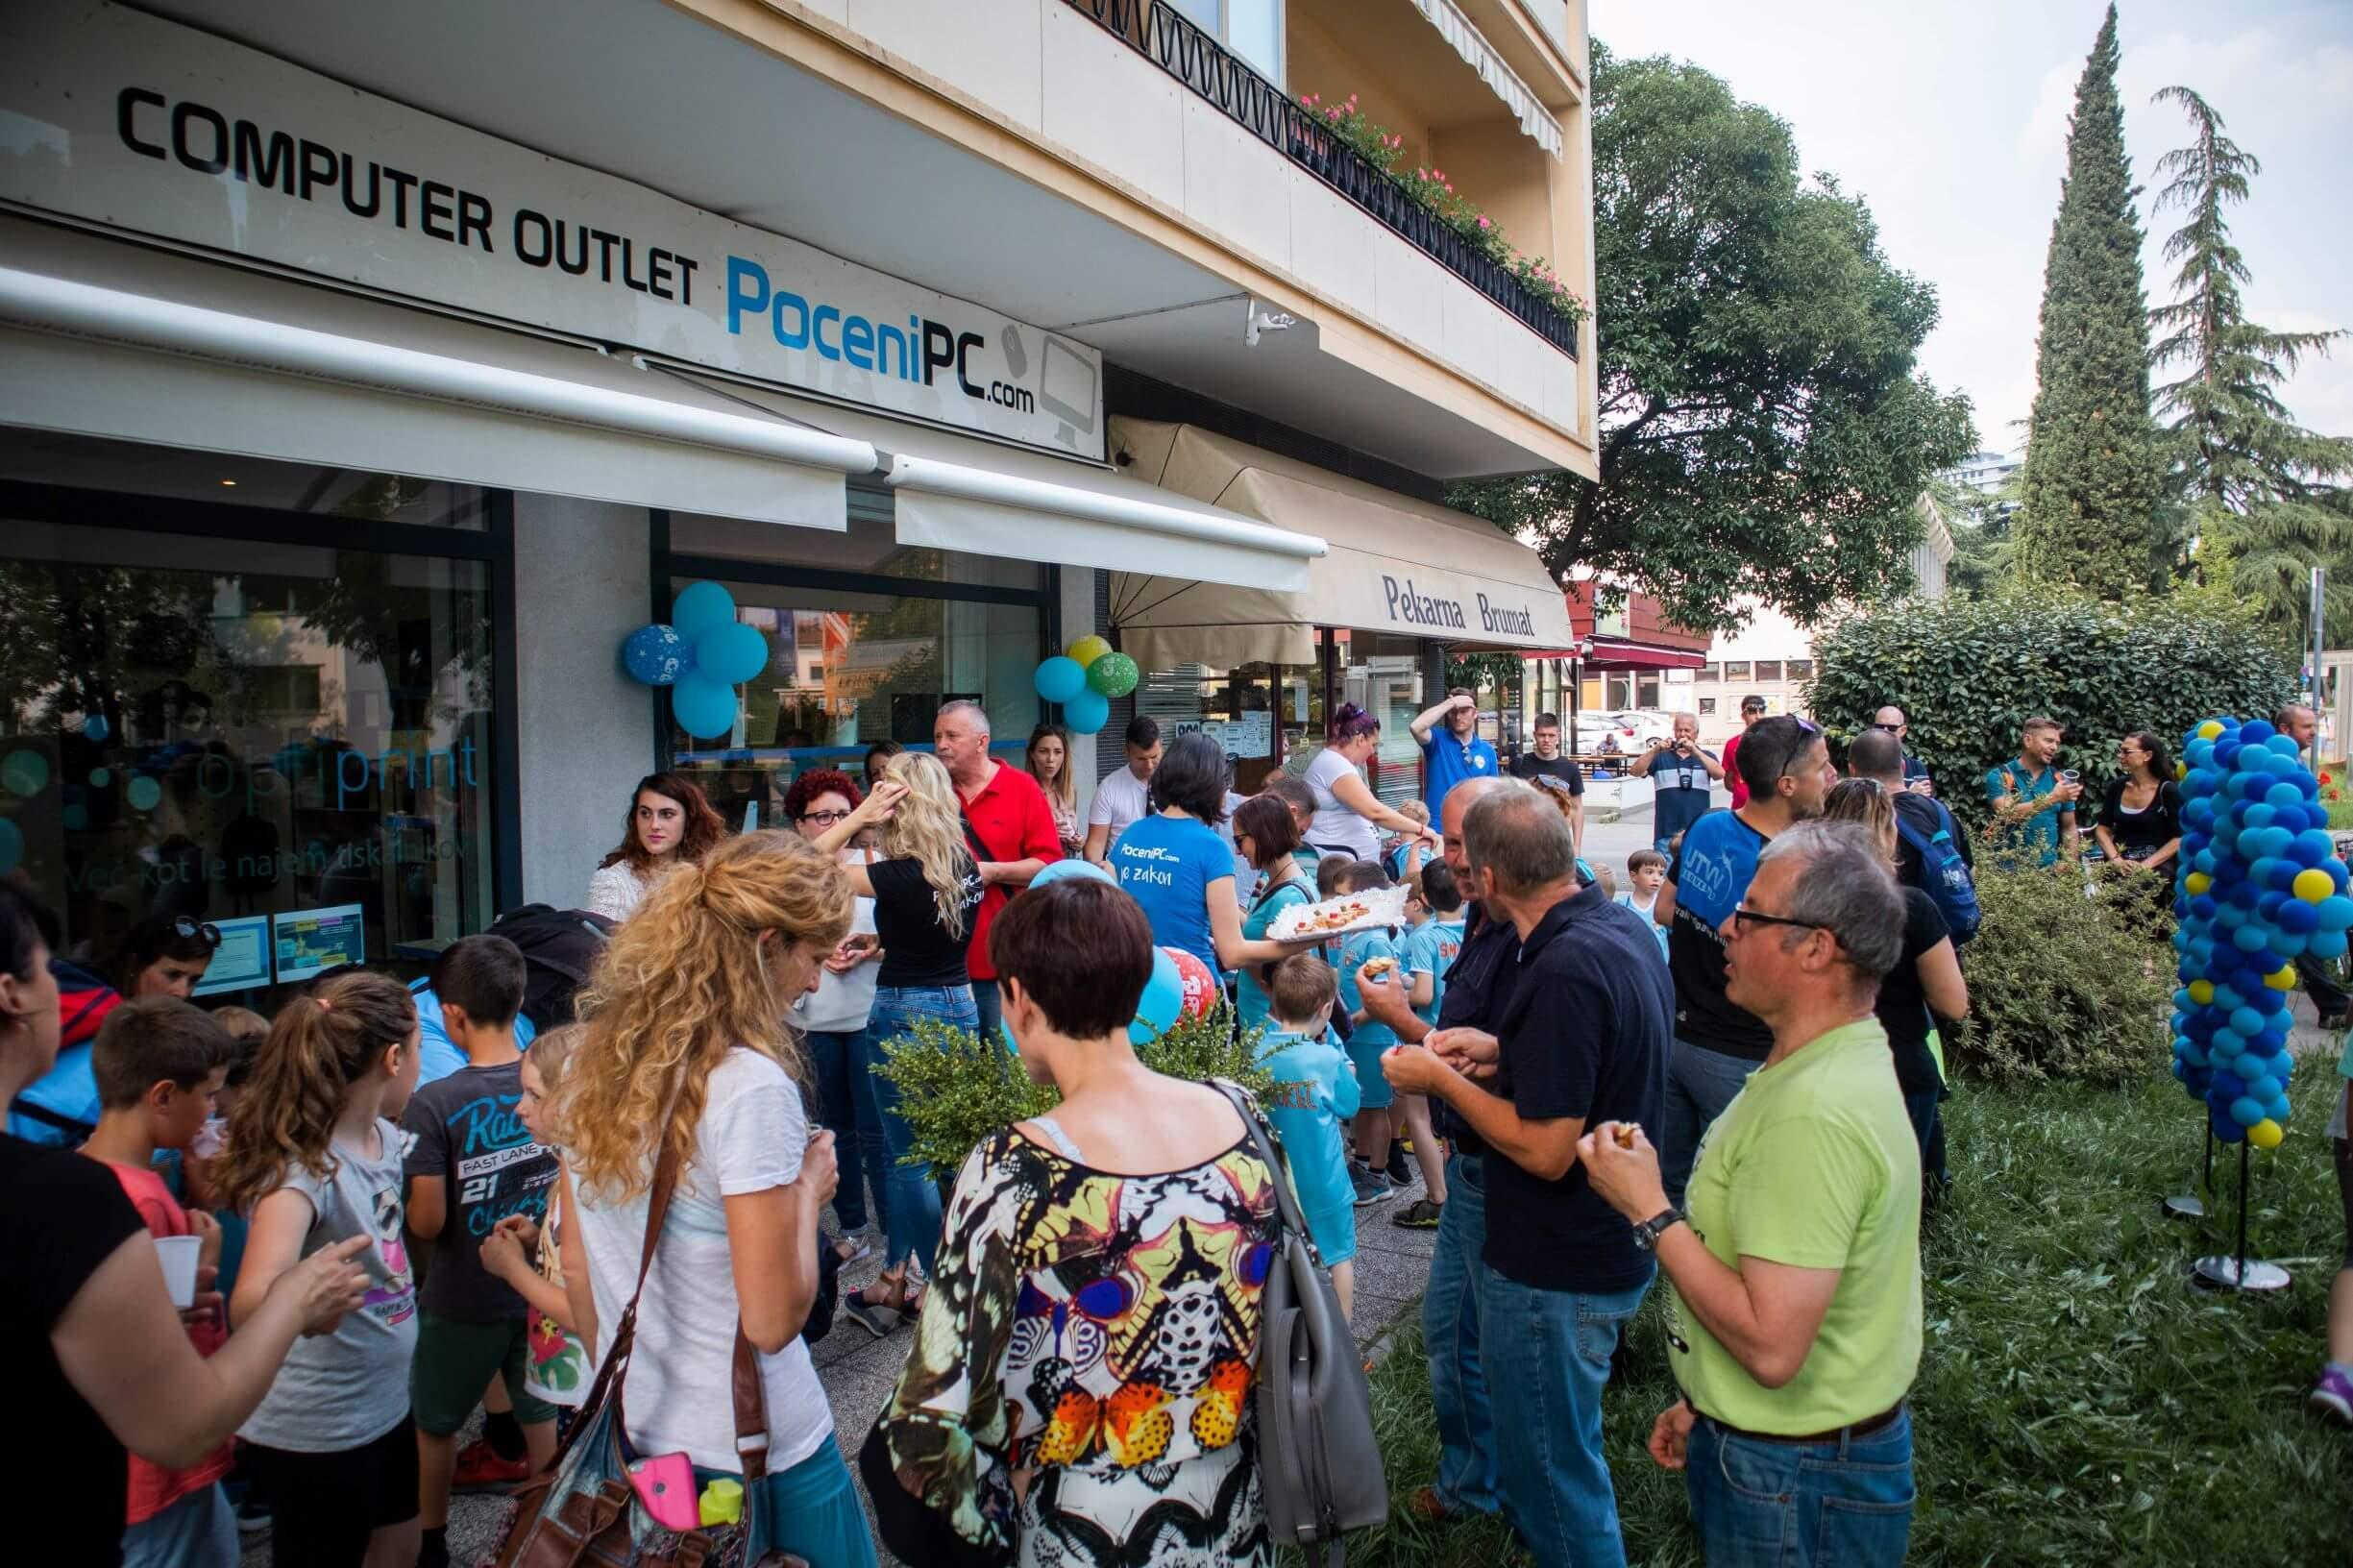 Dogodek je bil namenjen vsem, ki njihove storitve že poznajo, in tistim radovednim, ki bi jih radi spoznali in izvedeli več o PoceniPC.com.